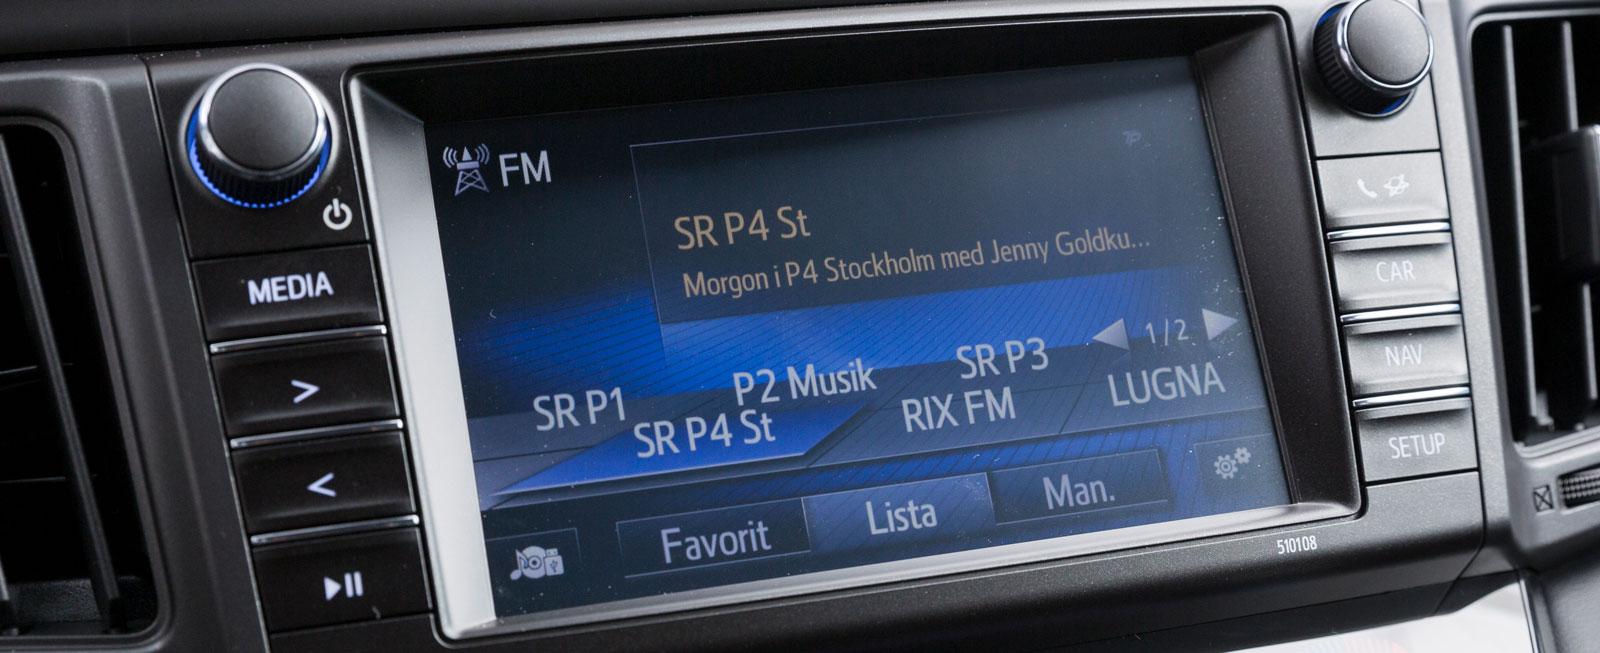 Toyotas skärm sköts med pekningar, vred och tryckknappar. Det hela fungerar utmärkt men i vissa ljusförhållanden är kontrastverkan klen och skärmen svåravläst.